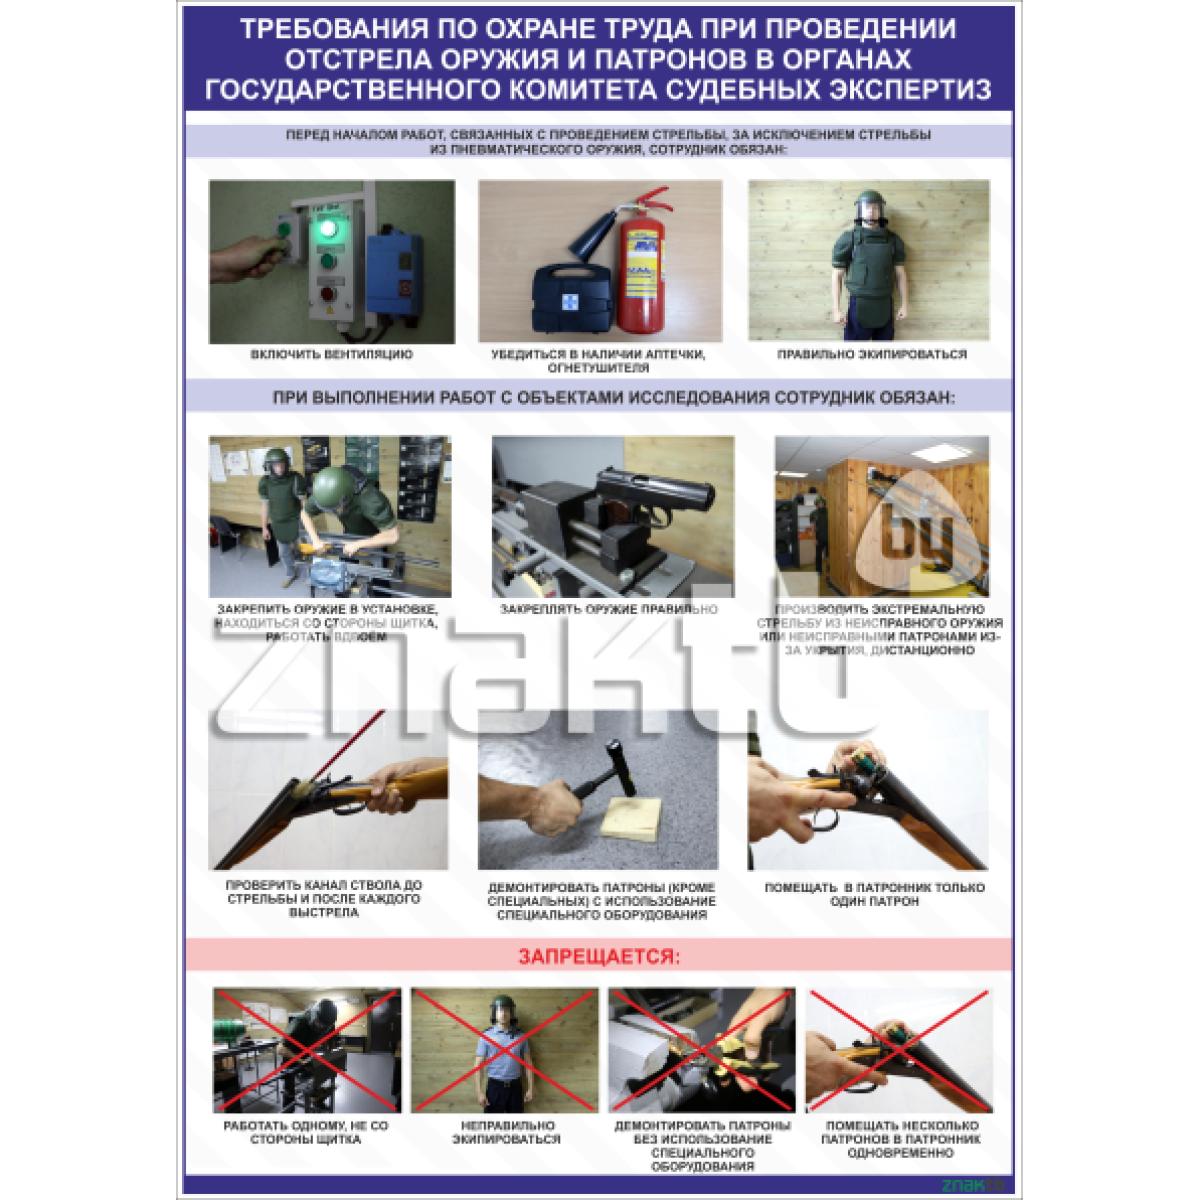 2604 Требования по охране труда при проведении отстрела оружия и патронов